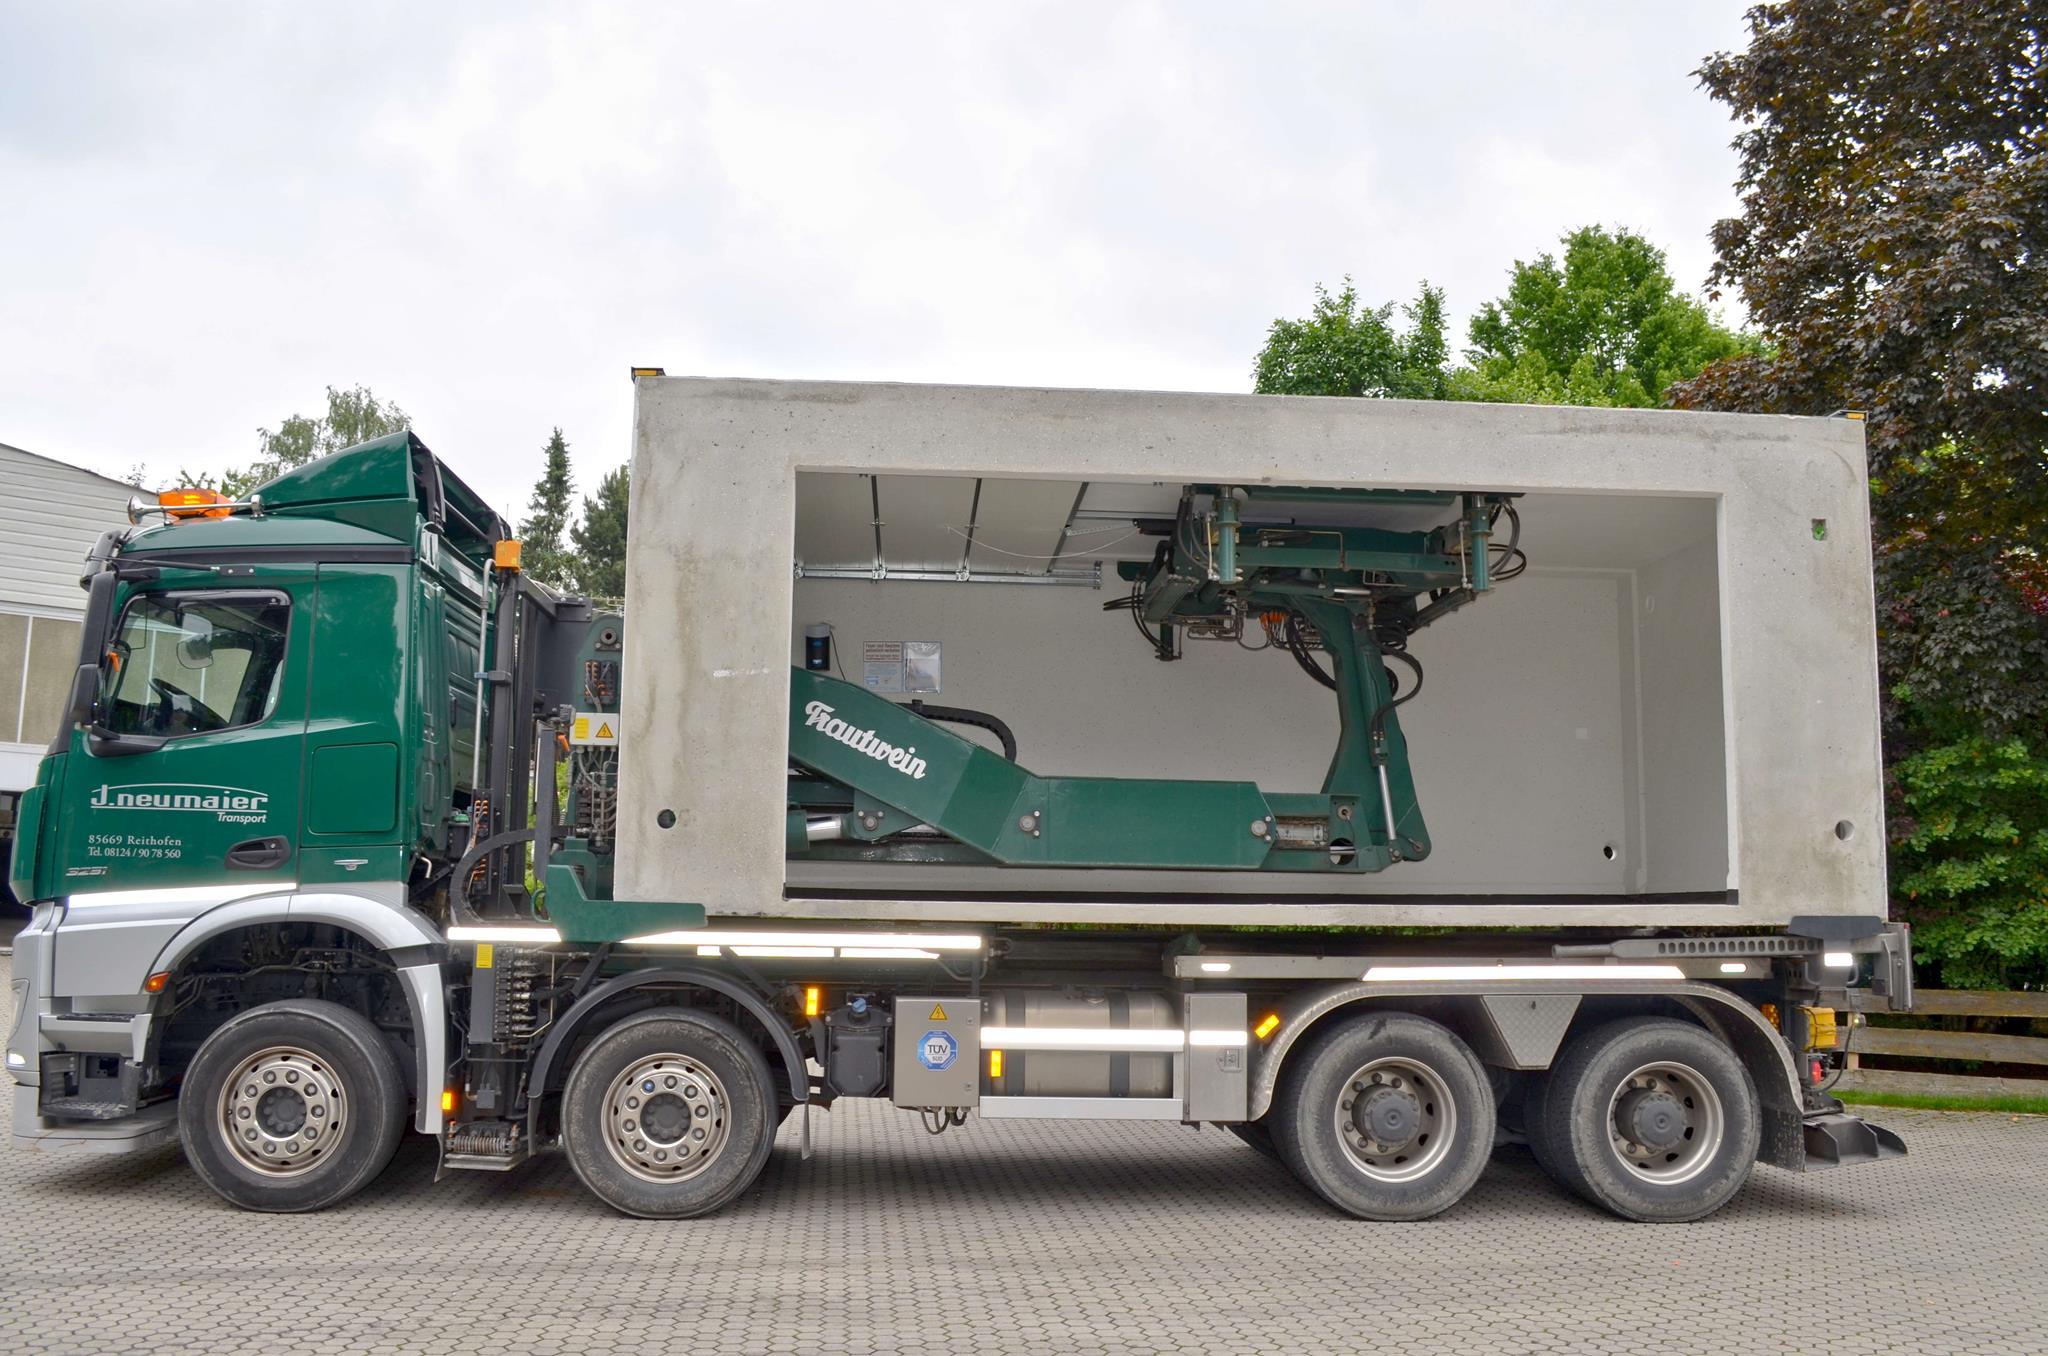 Relativ Garagentransport GmbH - Neumaier Transport GmbH, Lindacher Weg 6 XM12